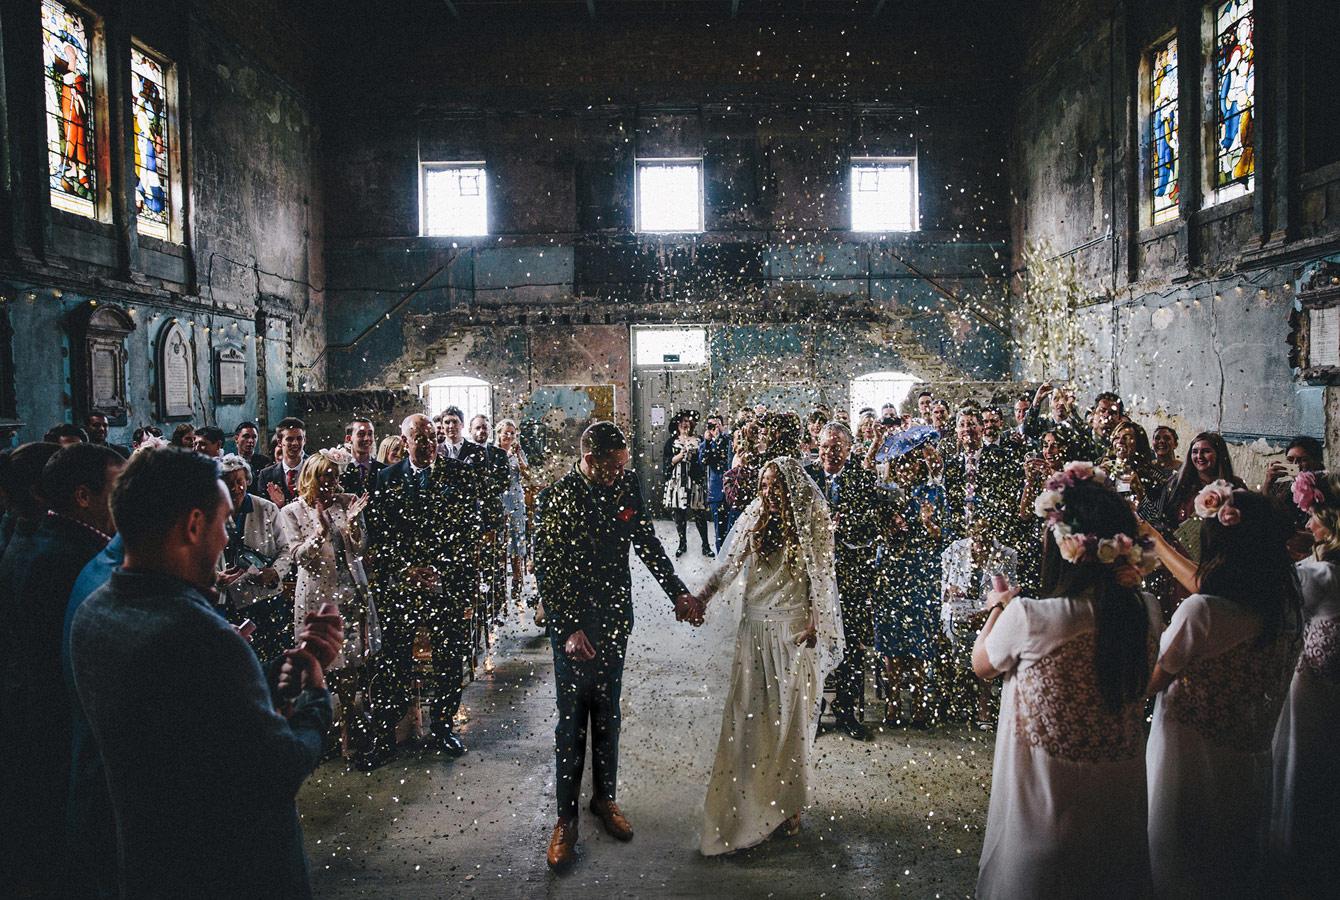 Кэролайн Бриггс, Великобритания / Caroline Briggs, UK, 3-е место в категории «Портреты», Конкурс свадебной фотографии Rangefinder